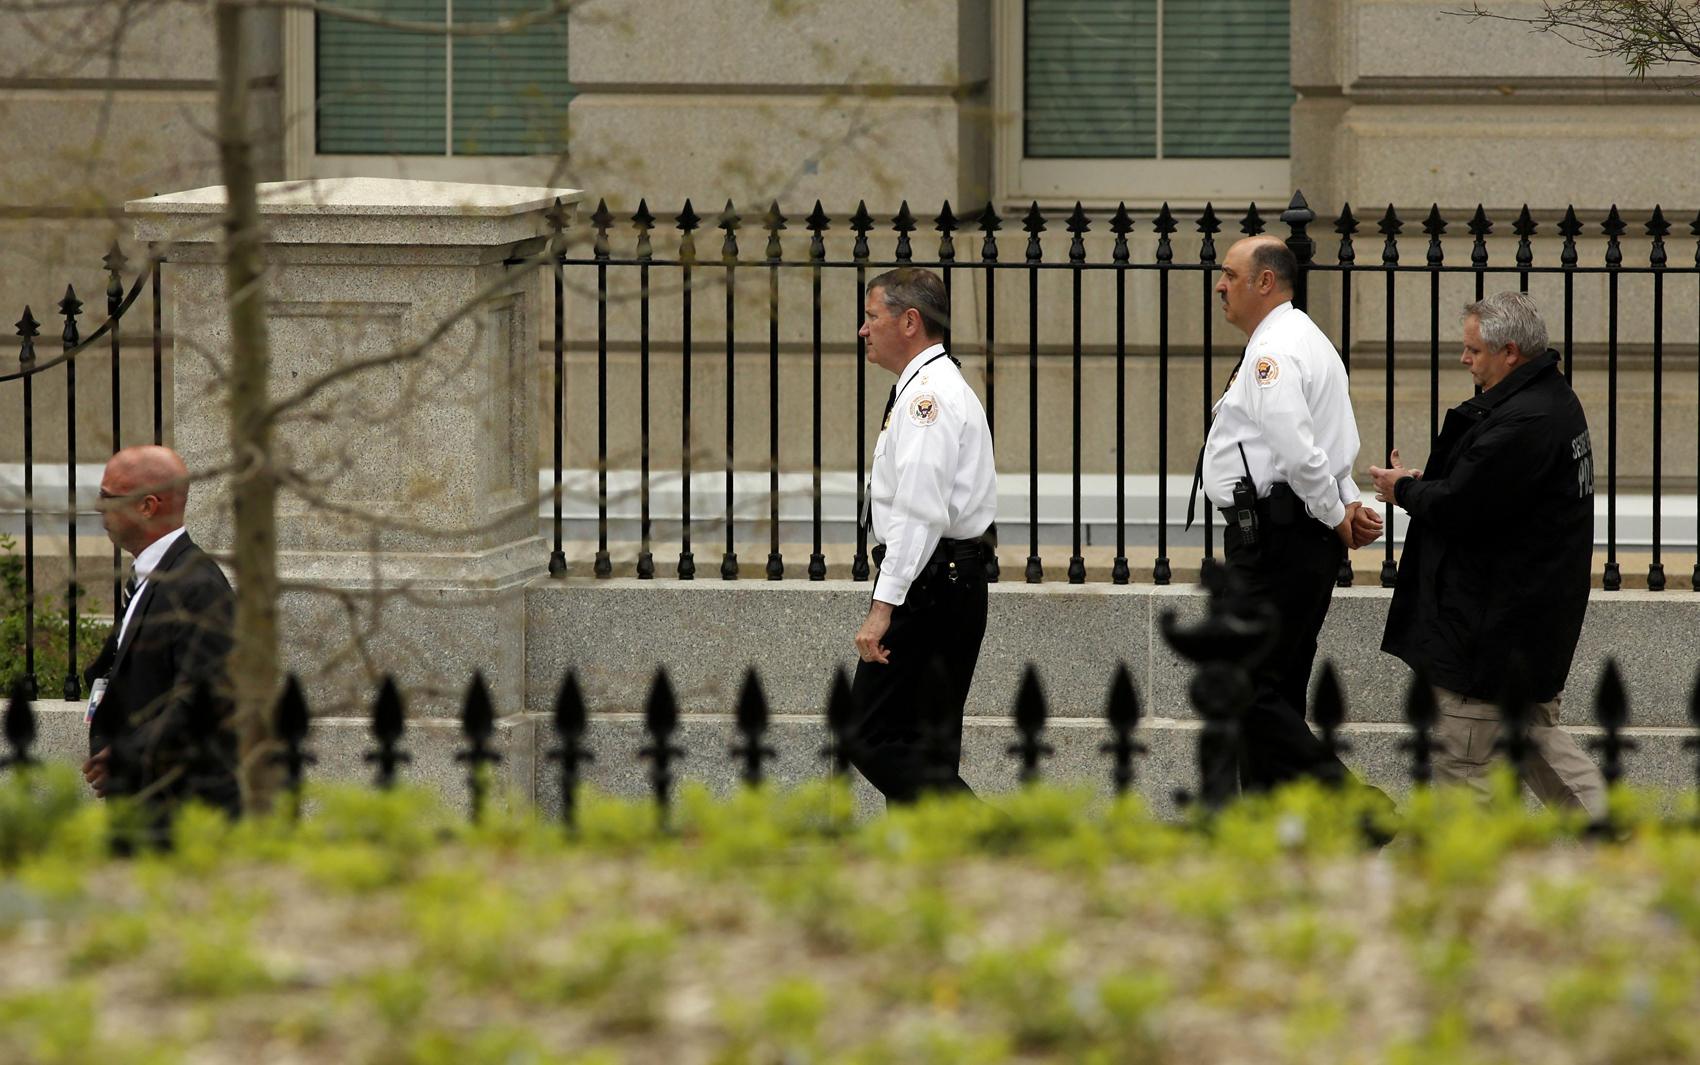 Agentes do Serviço Secreto dos EUA andam no complexo da Casa Branca, em Washington, depois de explosões durante maratona de Boston.